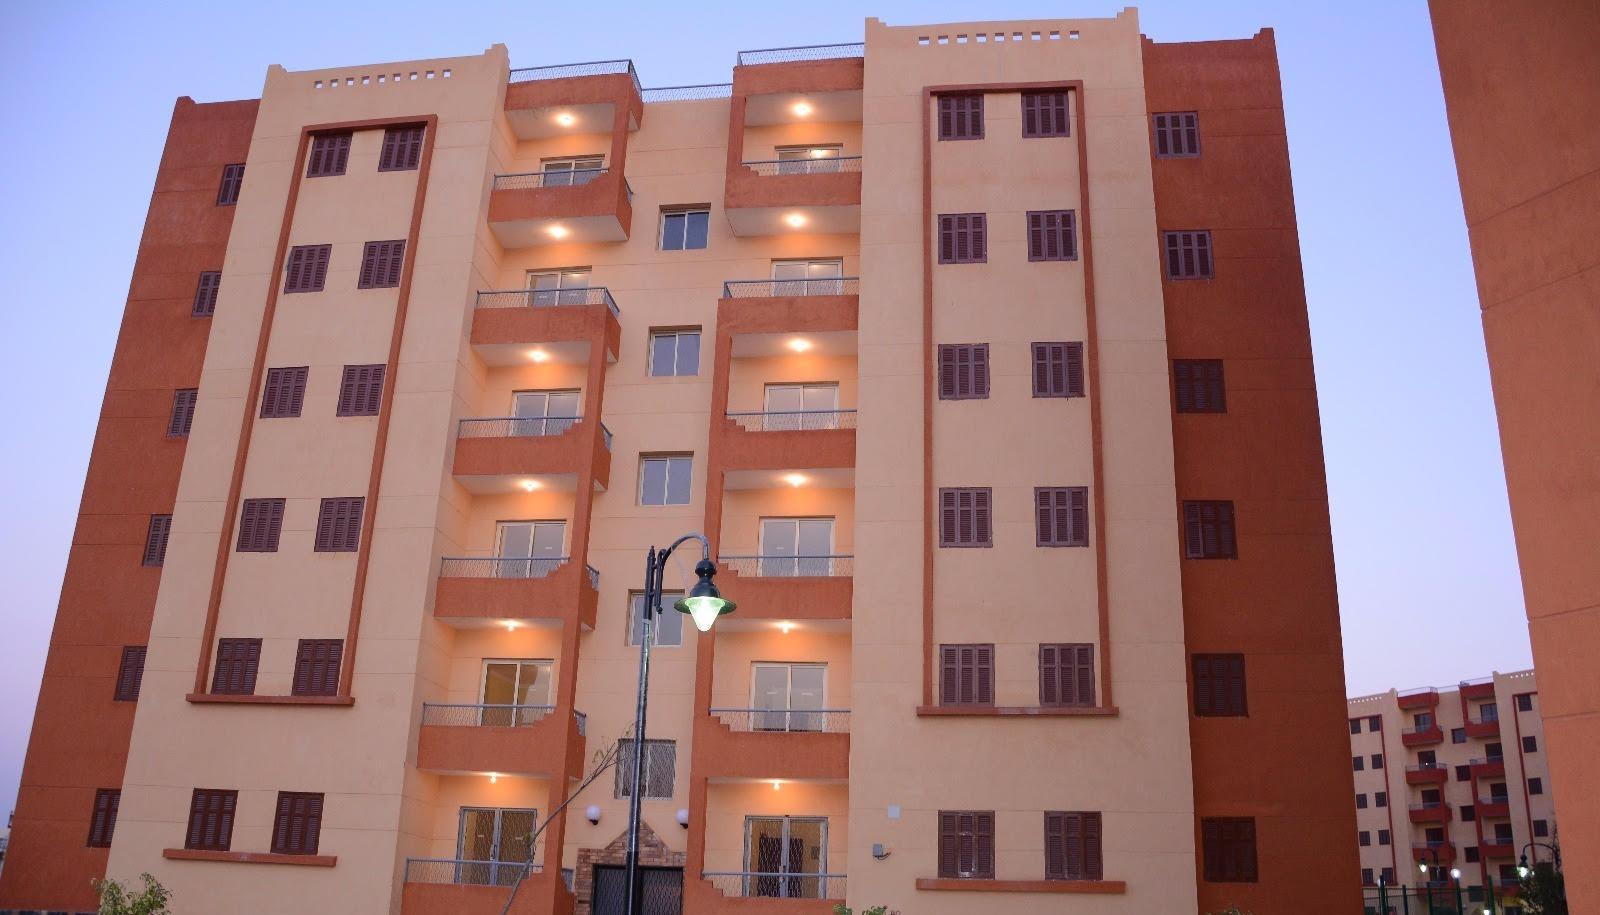 الحجز بالأسبقية.. التعمير والإسكان تفتح باب حجز وحدات سكنية في السادس من أكتوبر